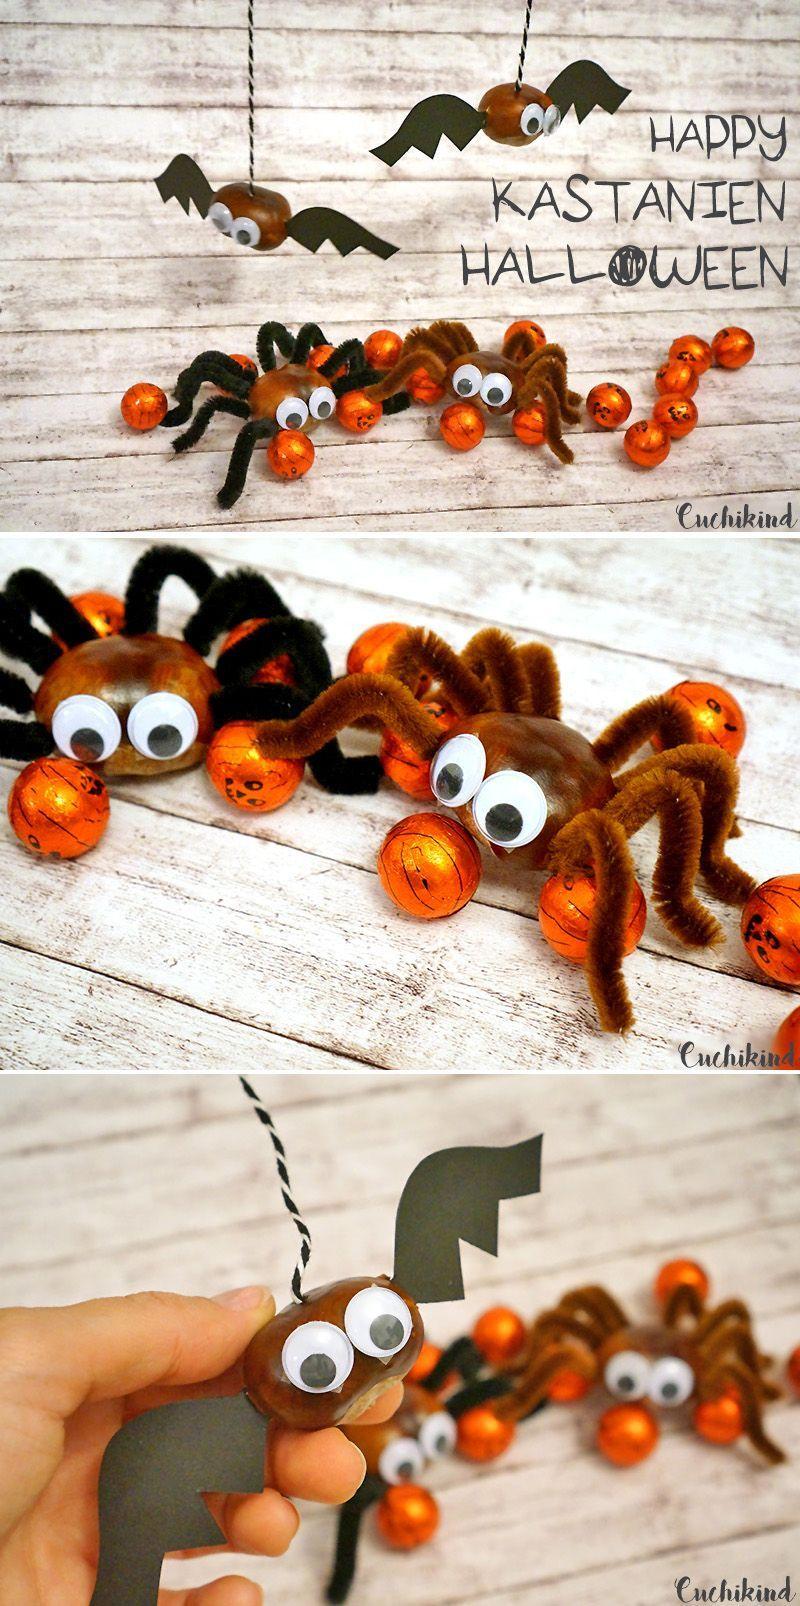 Happy Halloween Handmade Kultur In 2020 Halloween Party Decor Diy Fun Halloween Crafts Diy Halloween Decorations